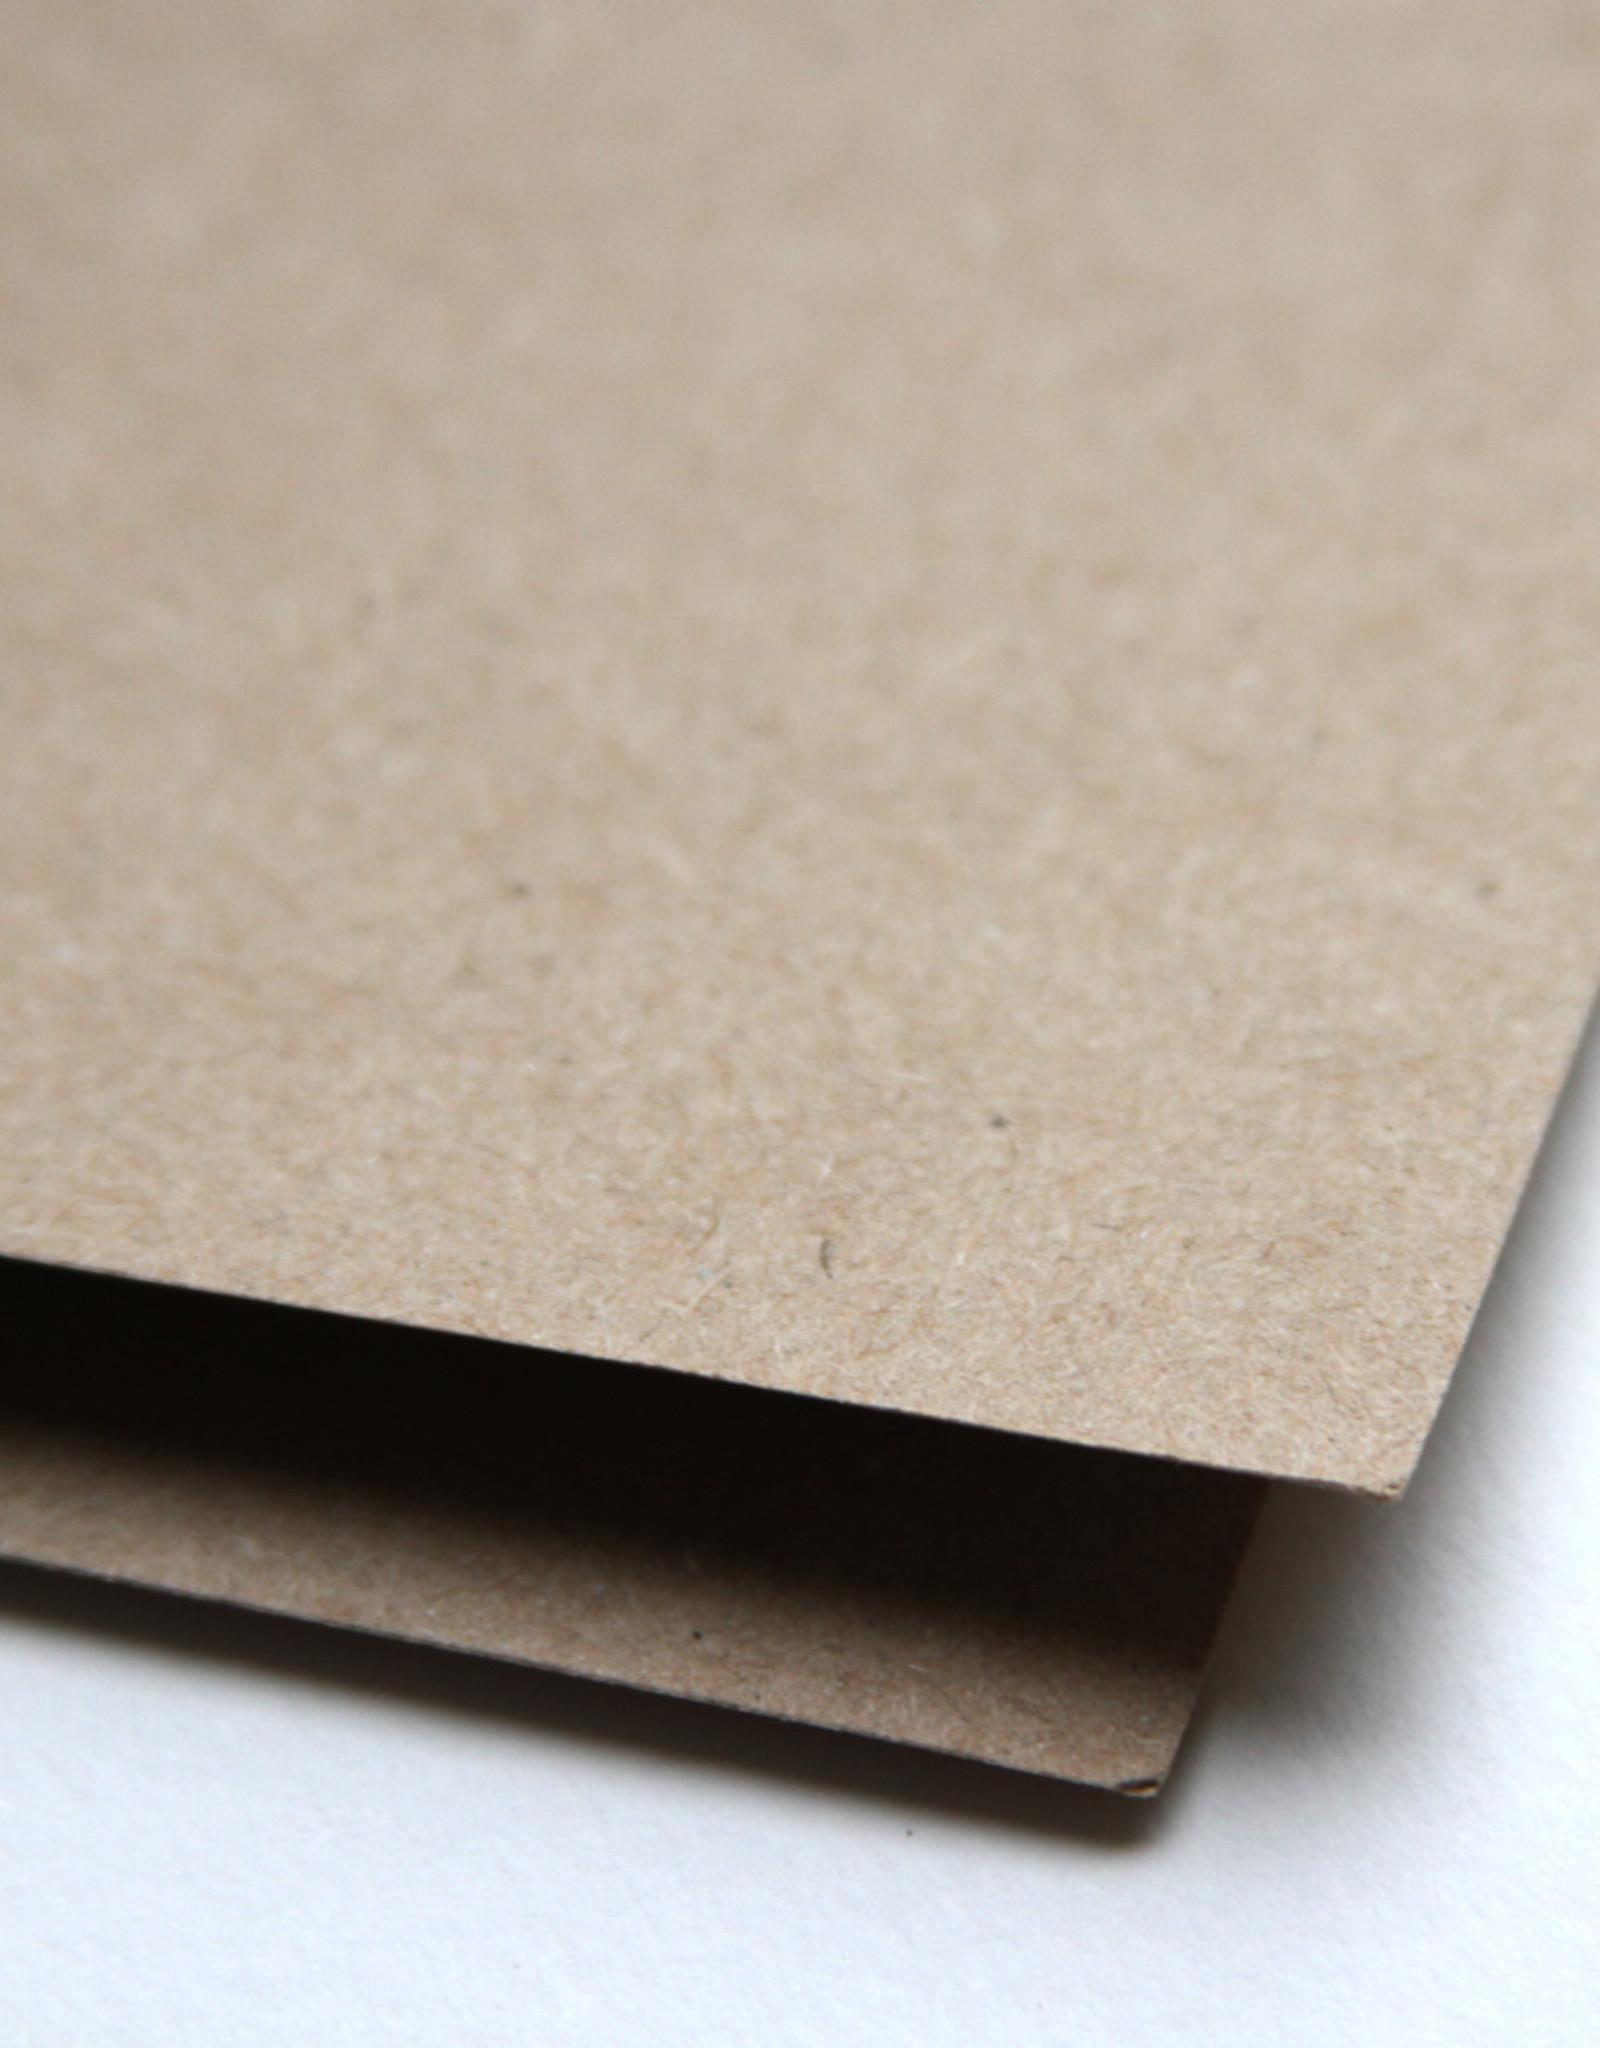 petrova 25 vel Petrovia schetspapier grijs 60x80cm, 150 grs. Dit schetspapier is uitermate geschikt voor pastelkrijt, houtskool of schoolkwaiteit verf.